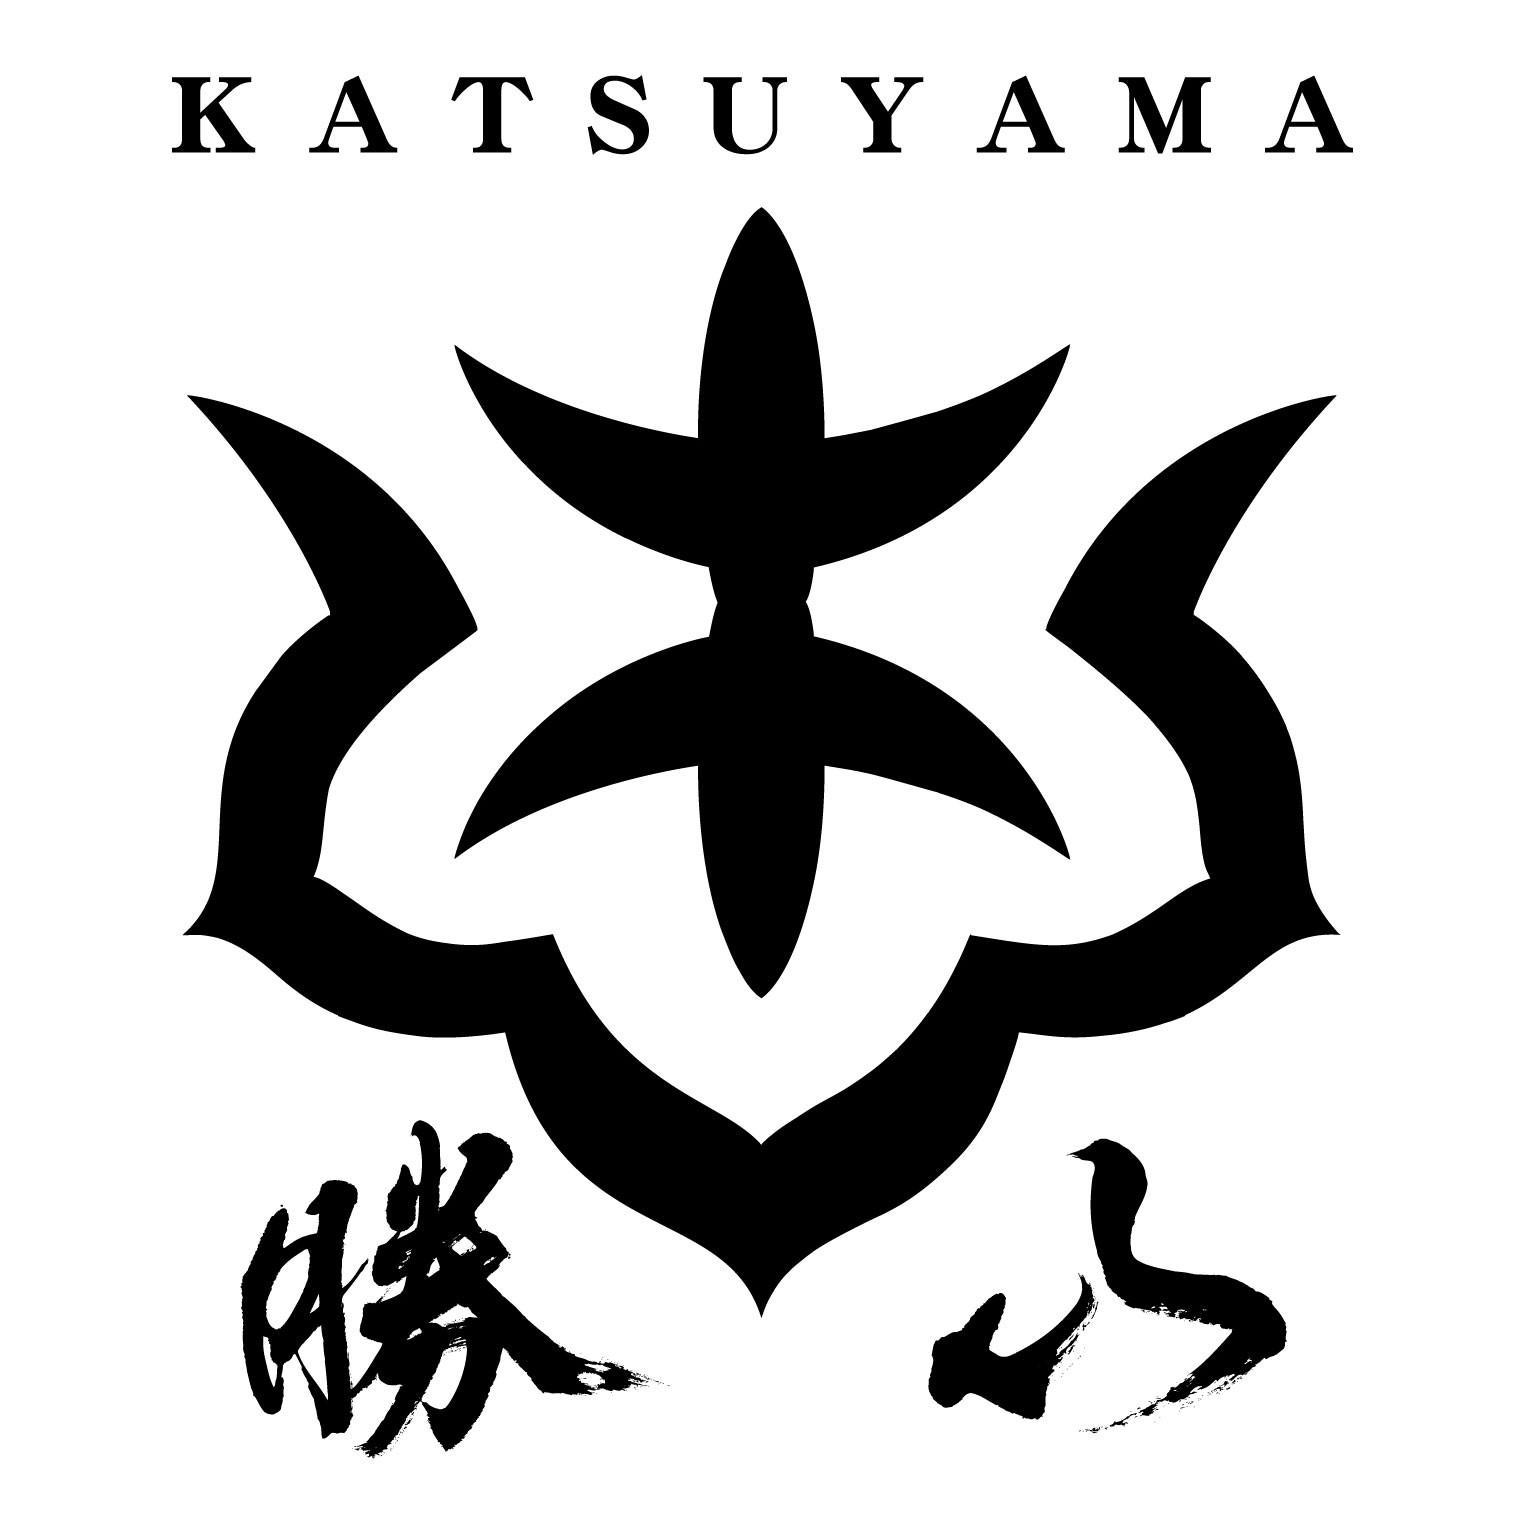 KATSUYAMA SUPRÊME SAKÉ